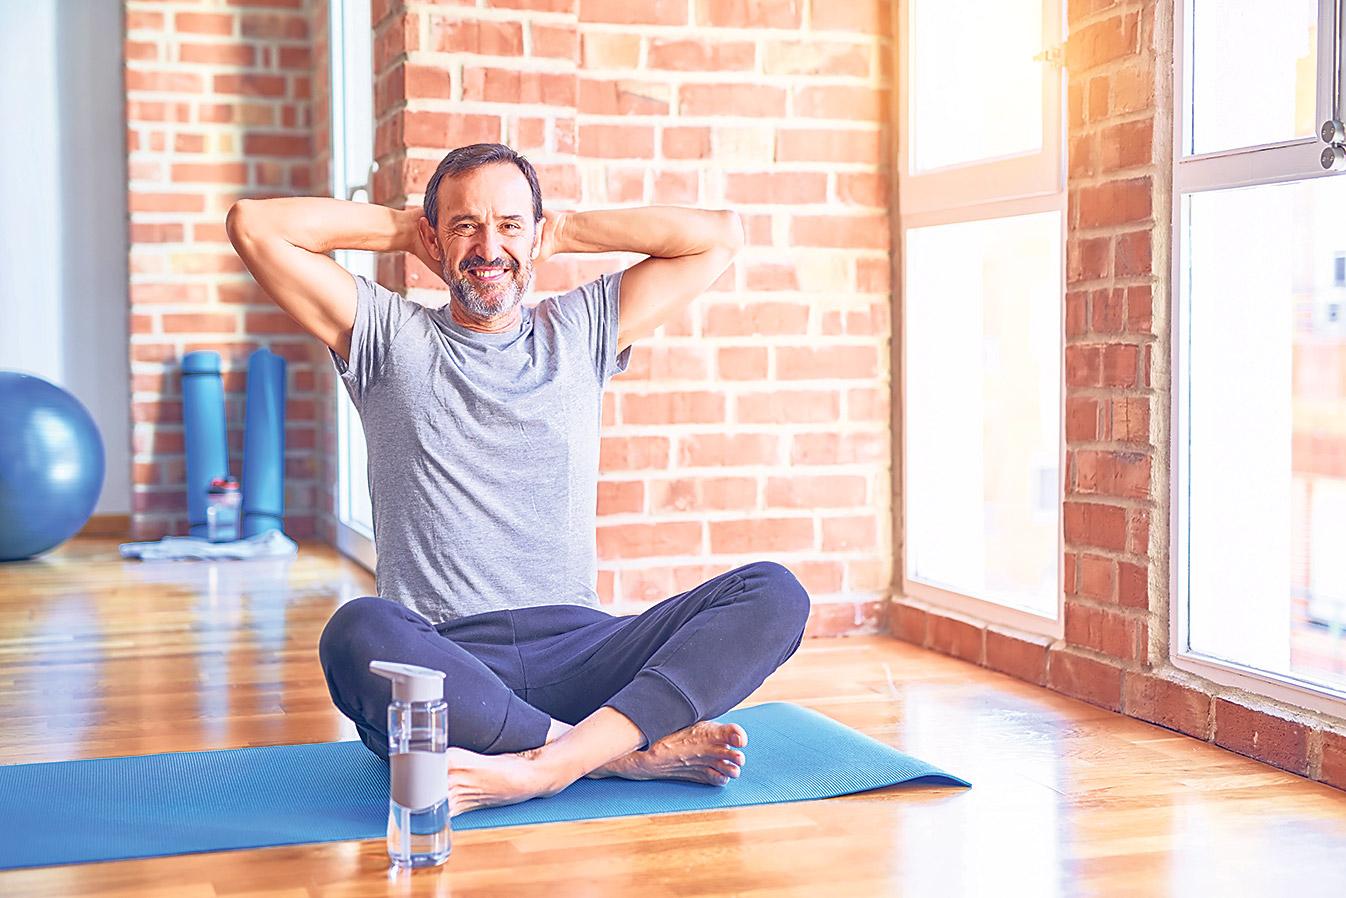 Mann sitzt auf Yogamatte und streckt sich.